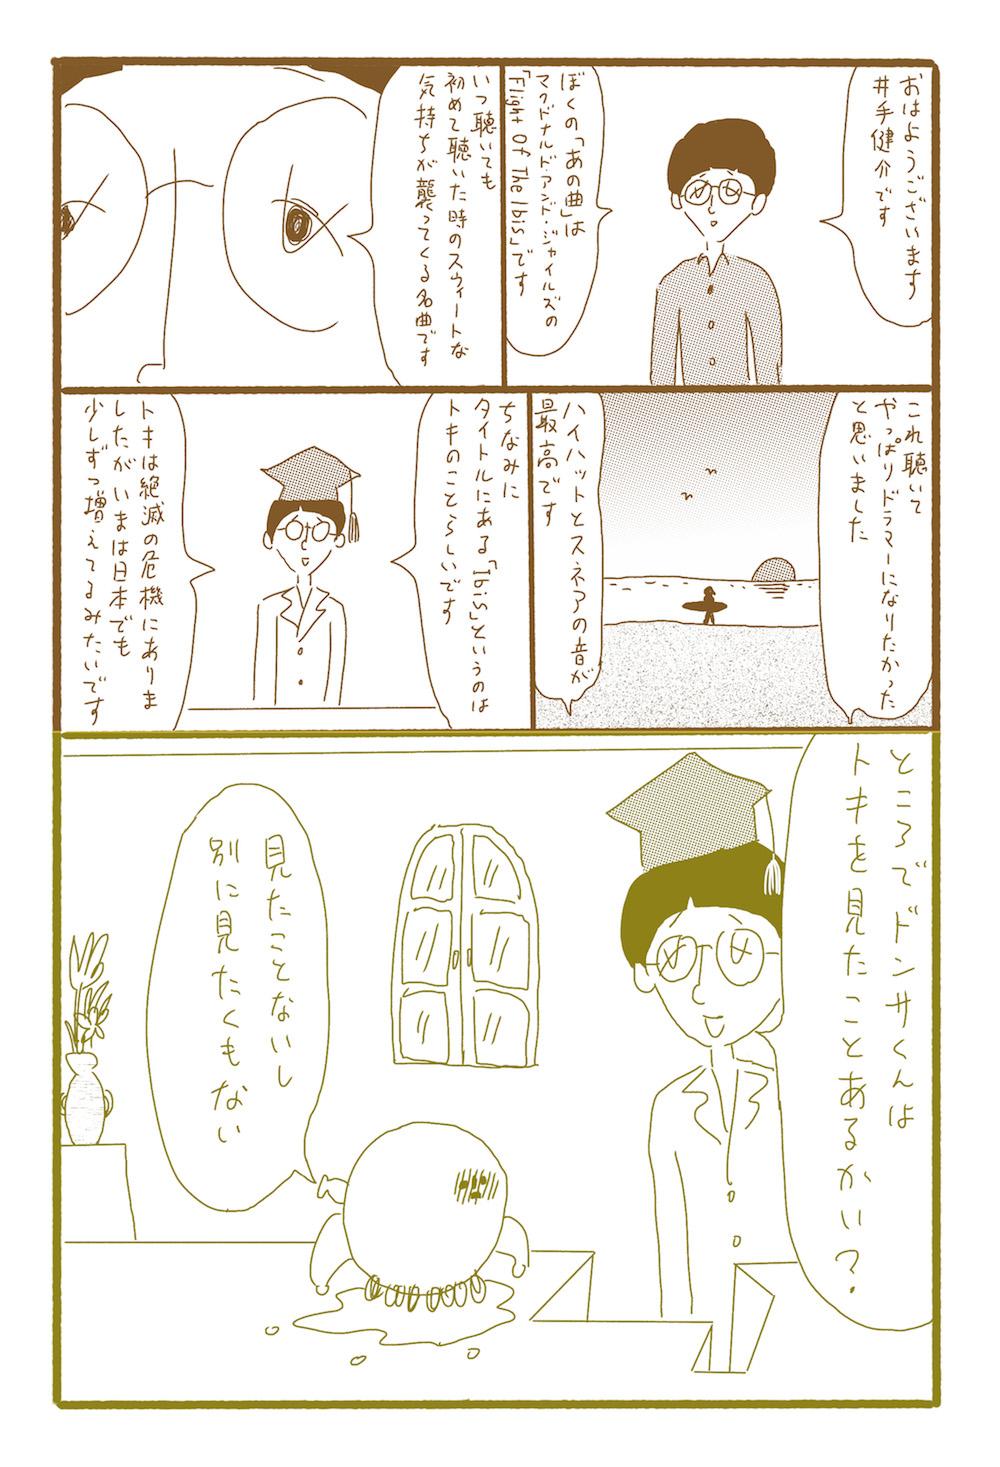 大橋裕之 井手健介